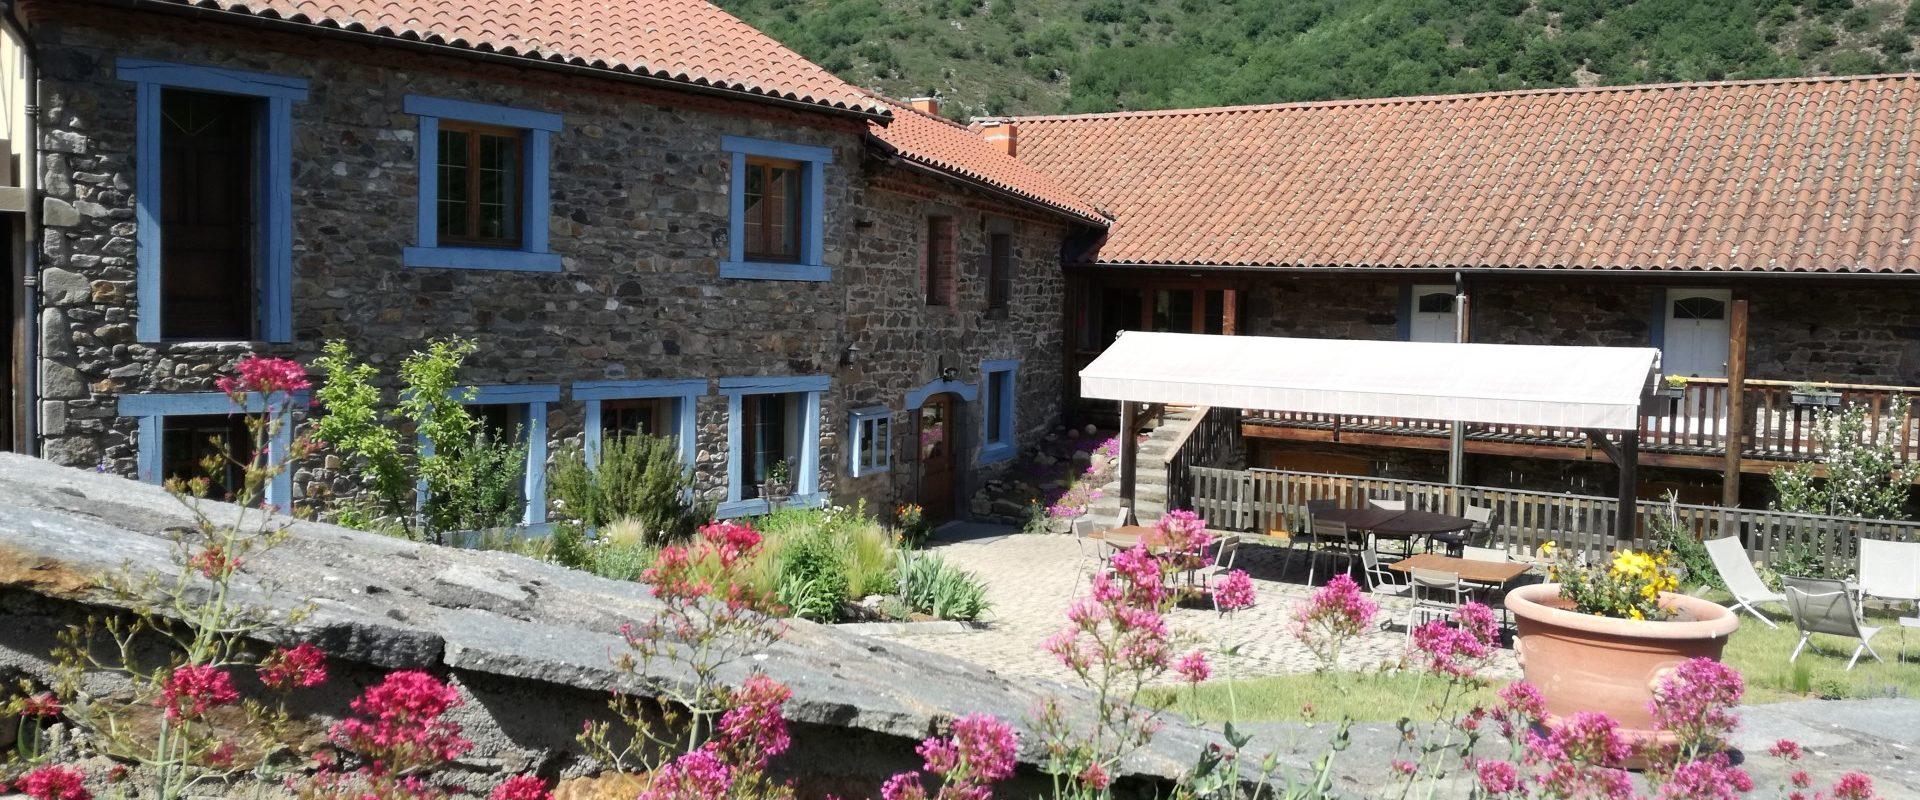 terrasse des chambres d'hôtes de Margaridou